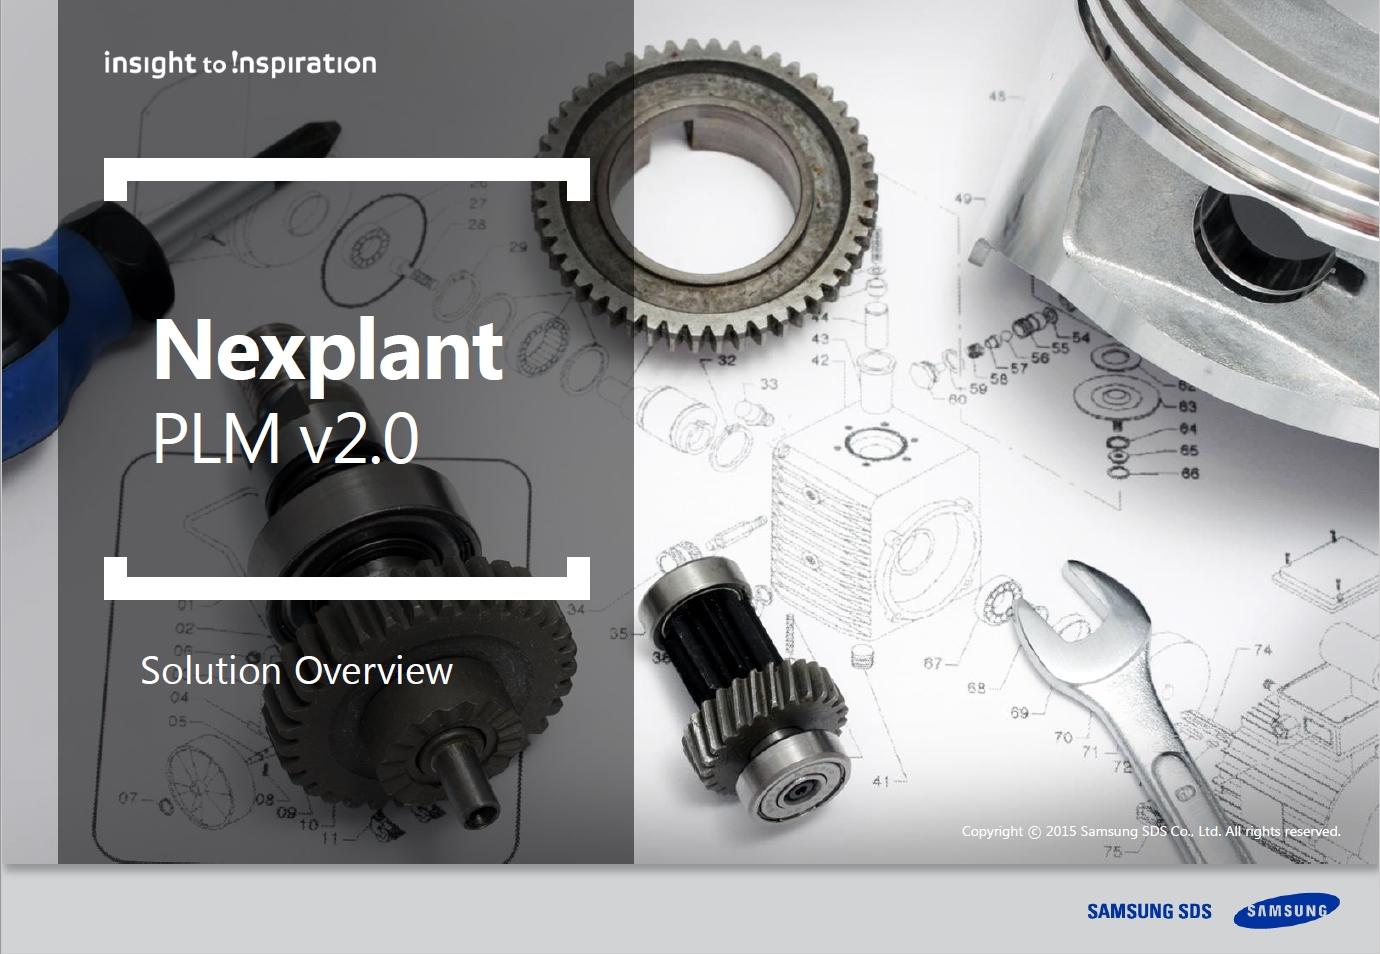 [Nexplant PLM][PRESENTATION] Integre e agilize processos de desenvolvimento de produtos (Integrate and streamline product development processes)